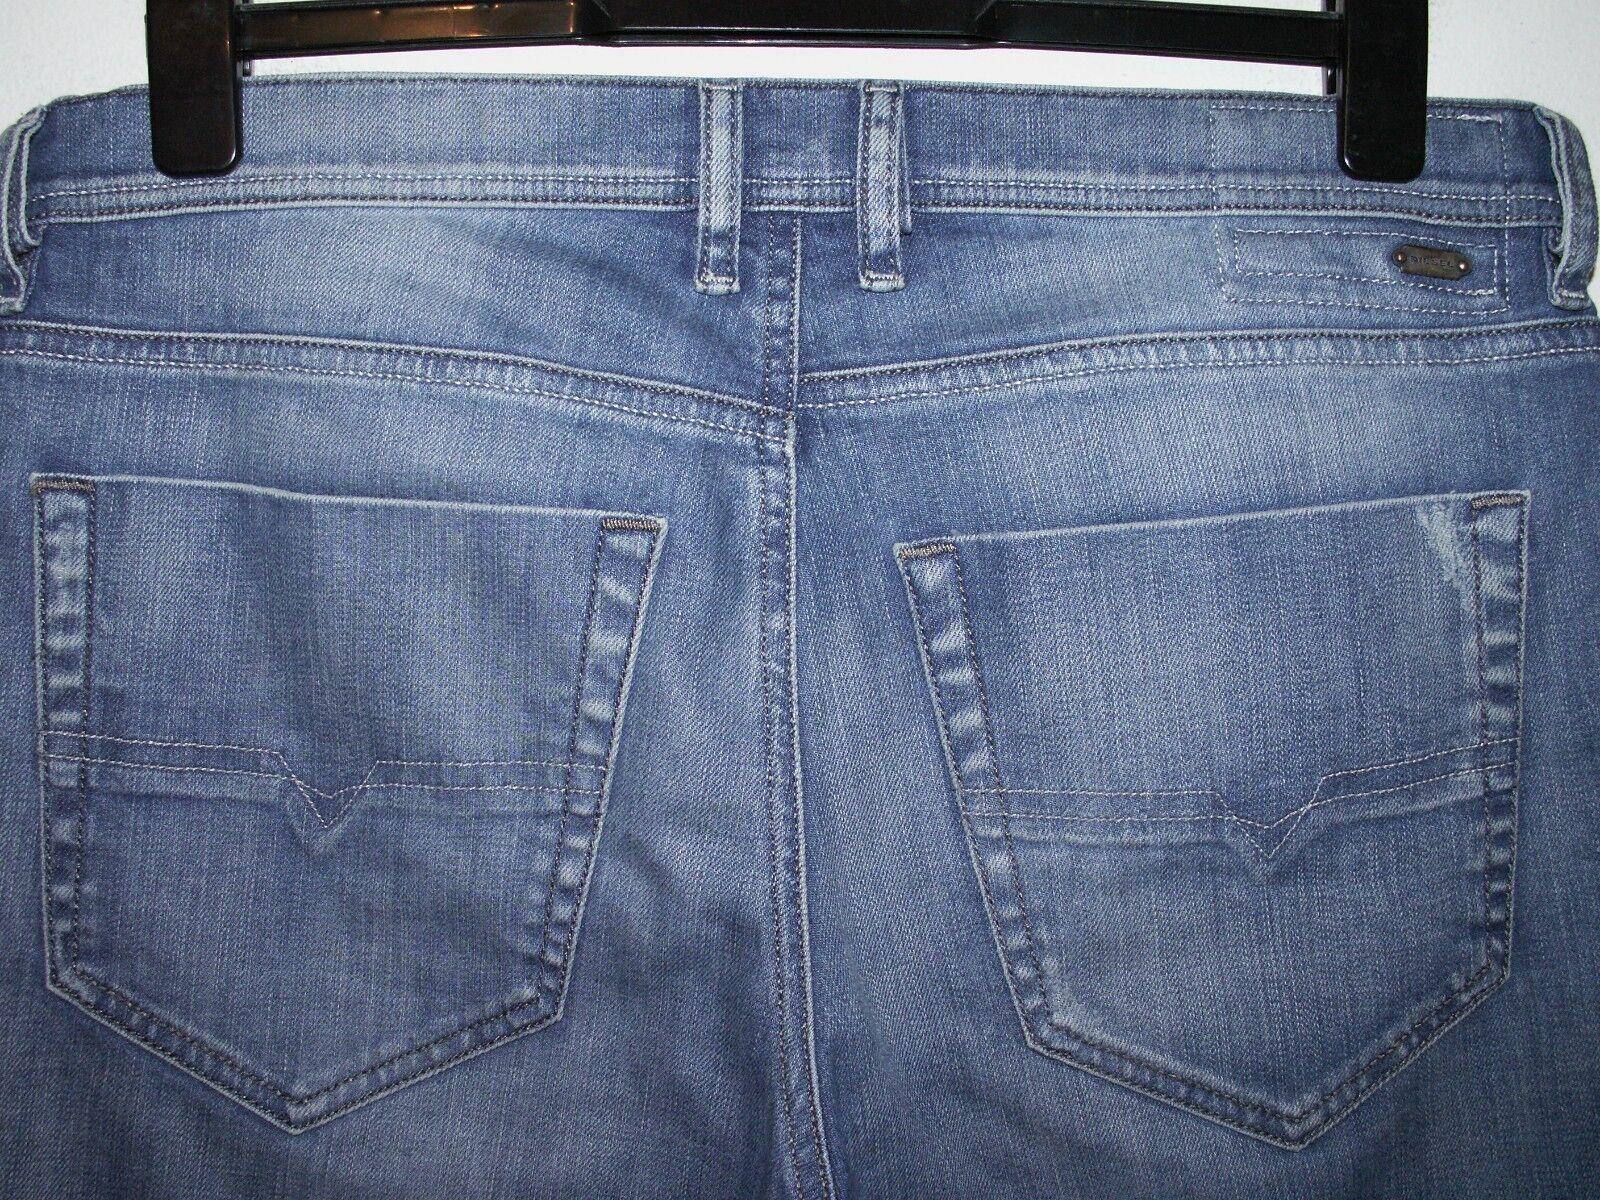 Diesel tepphar slim-carred jeans wash 008W7 stretch W32 L32 (a3468)